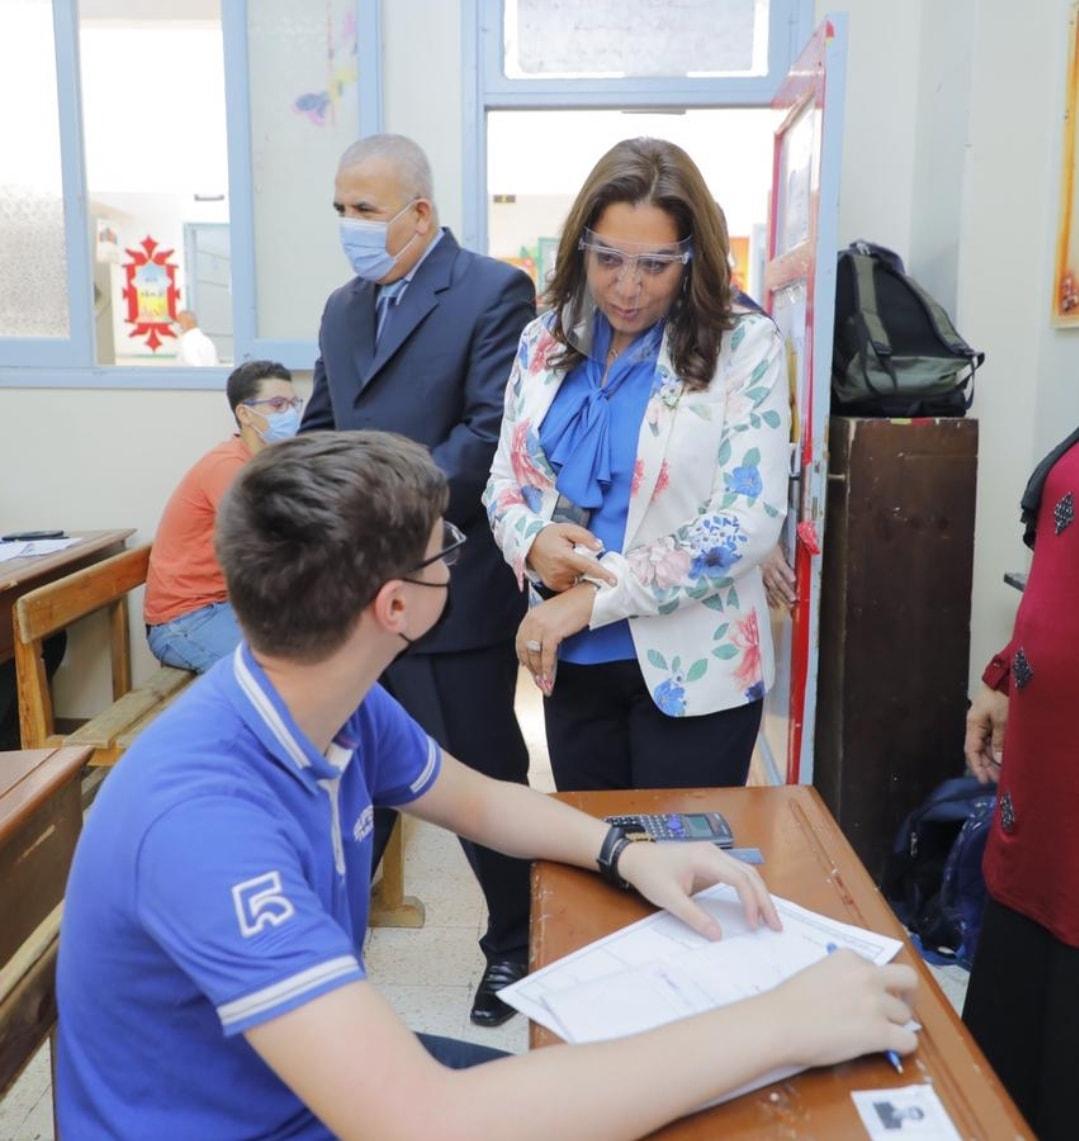 محافظ دمياط تتابع سير عملية امتحانات الفصل الدراسي الثاني للشهادة الإعدادية